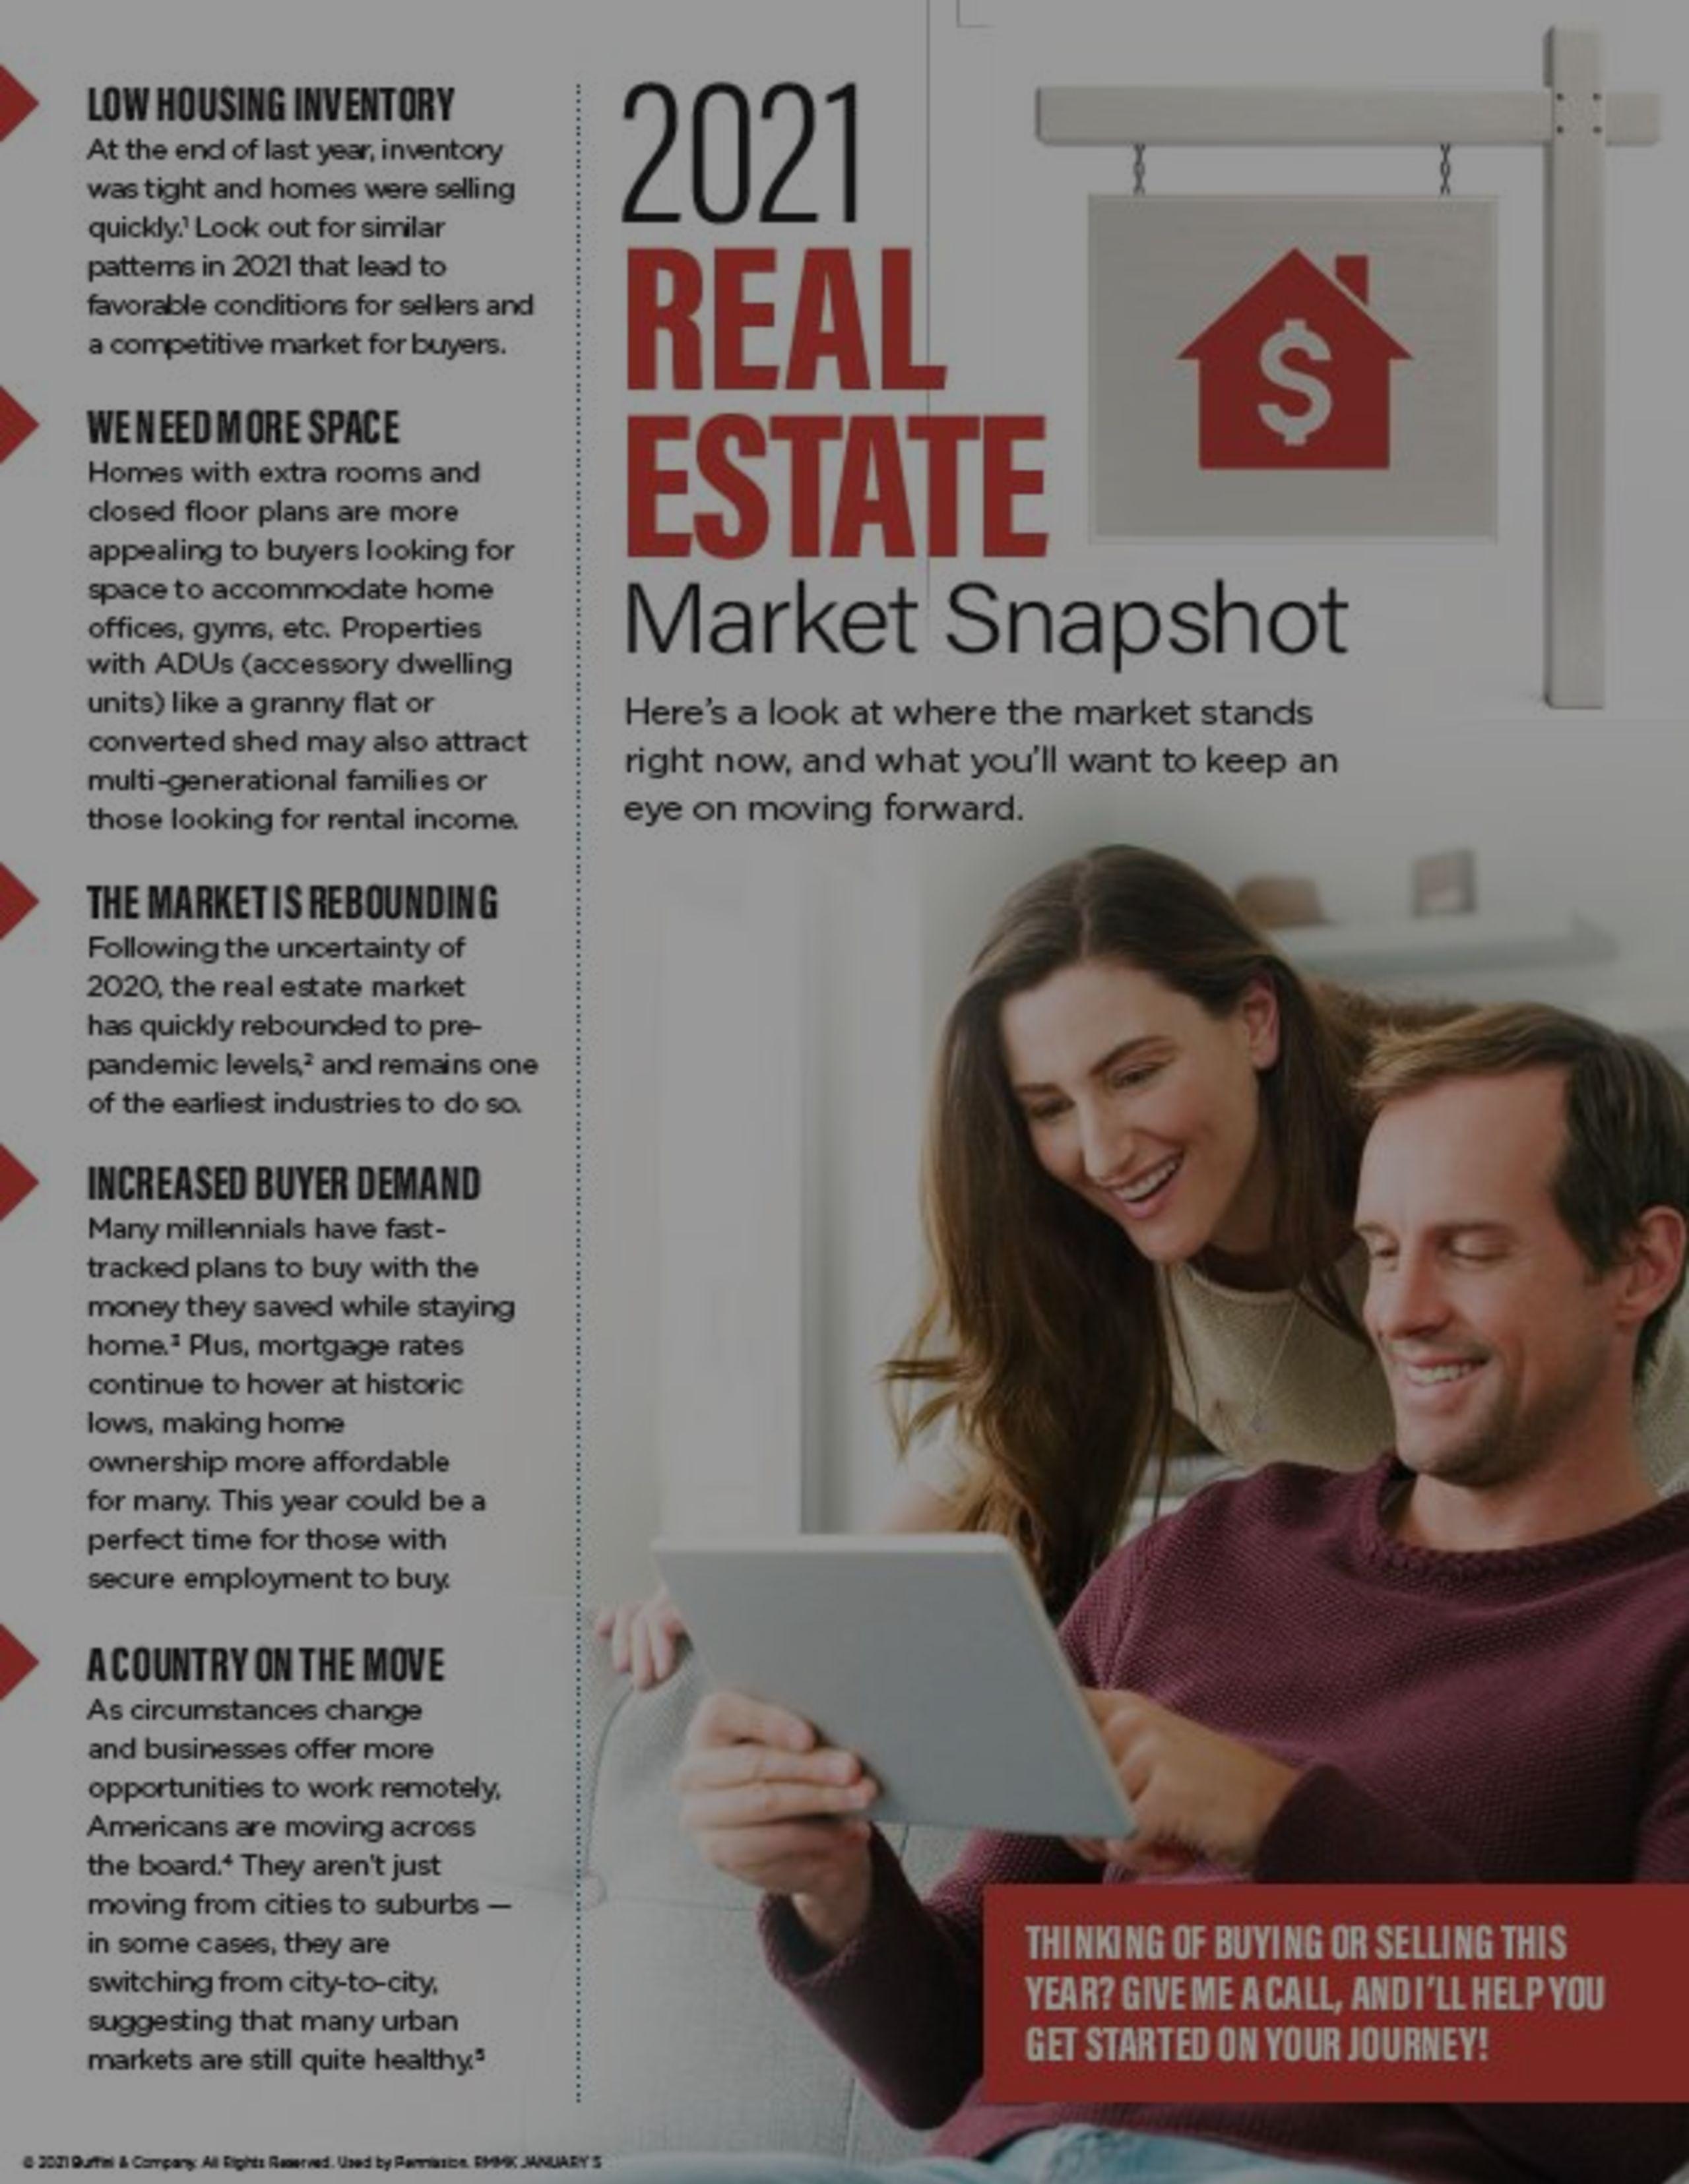 2021's Real Estate Market Snapshot